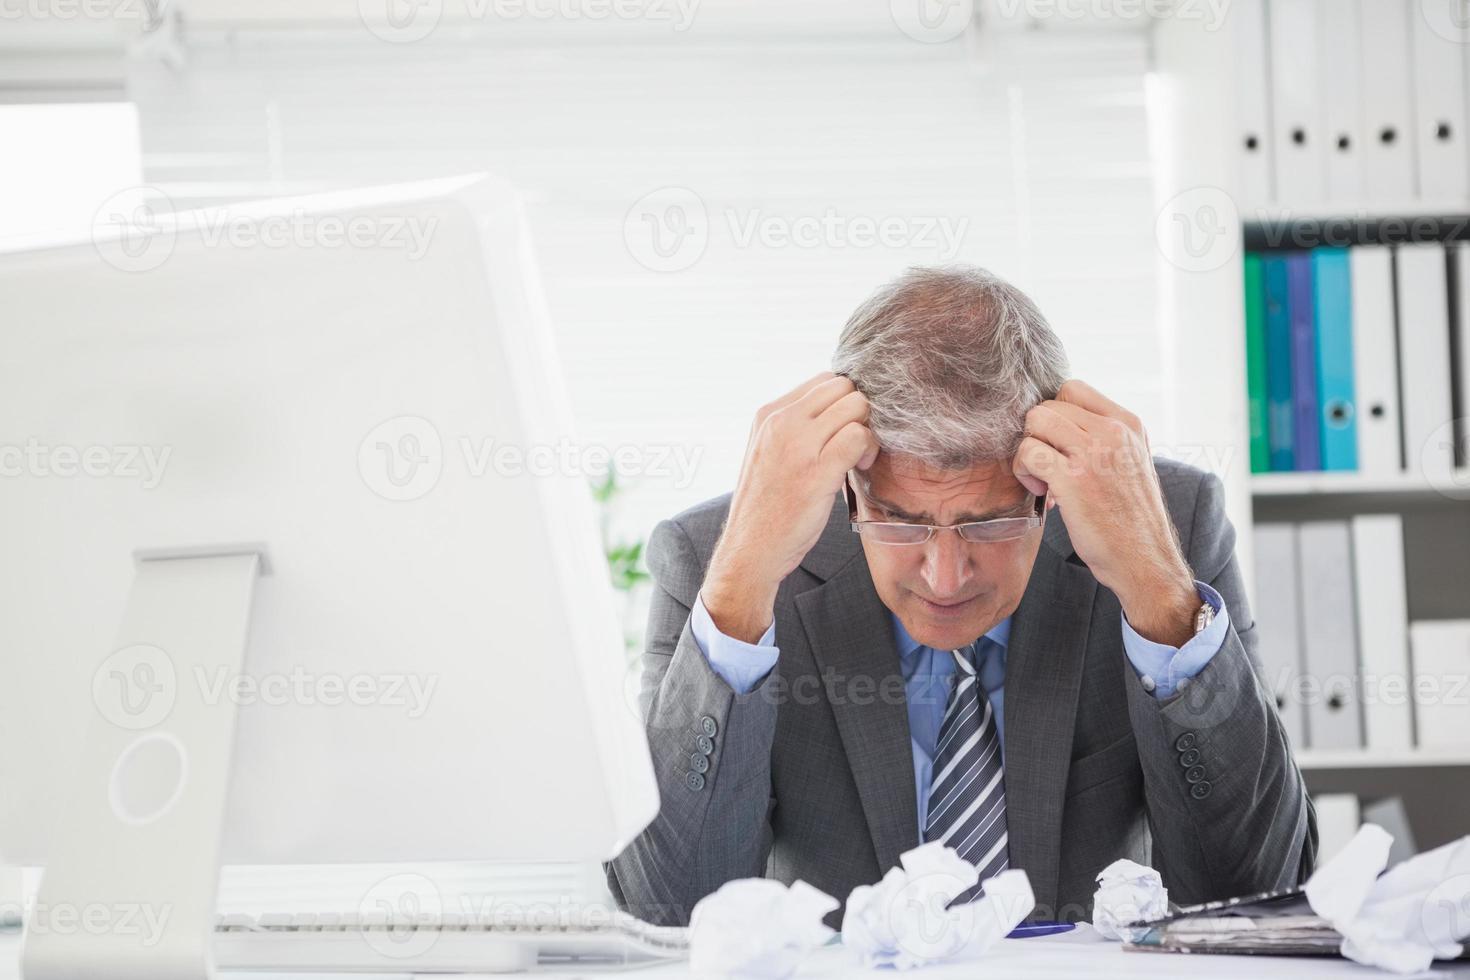 gestresster Geschäftsmann mit Kopf in Händen foto